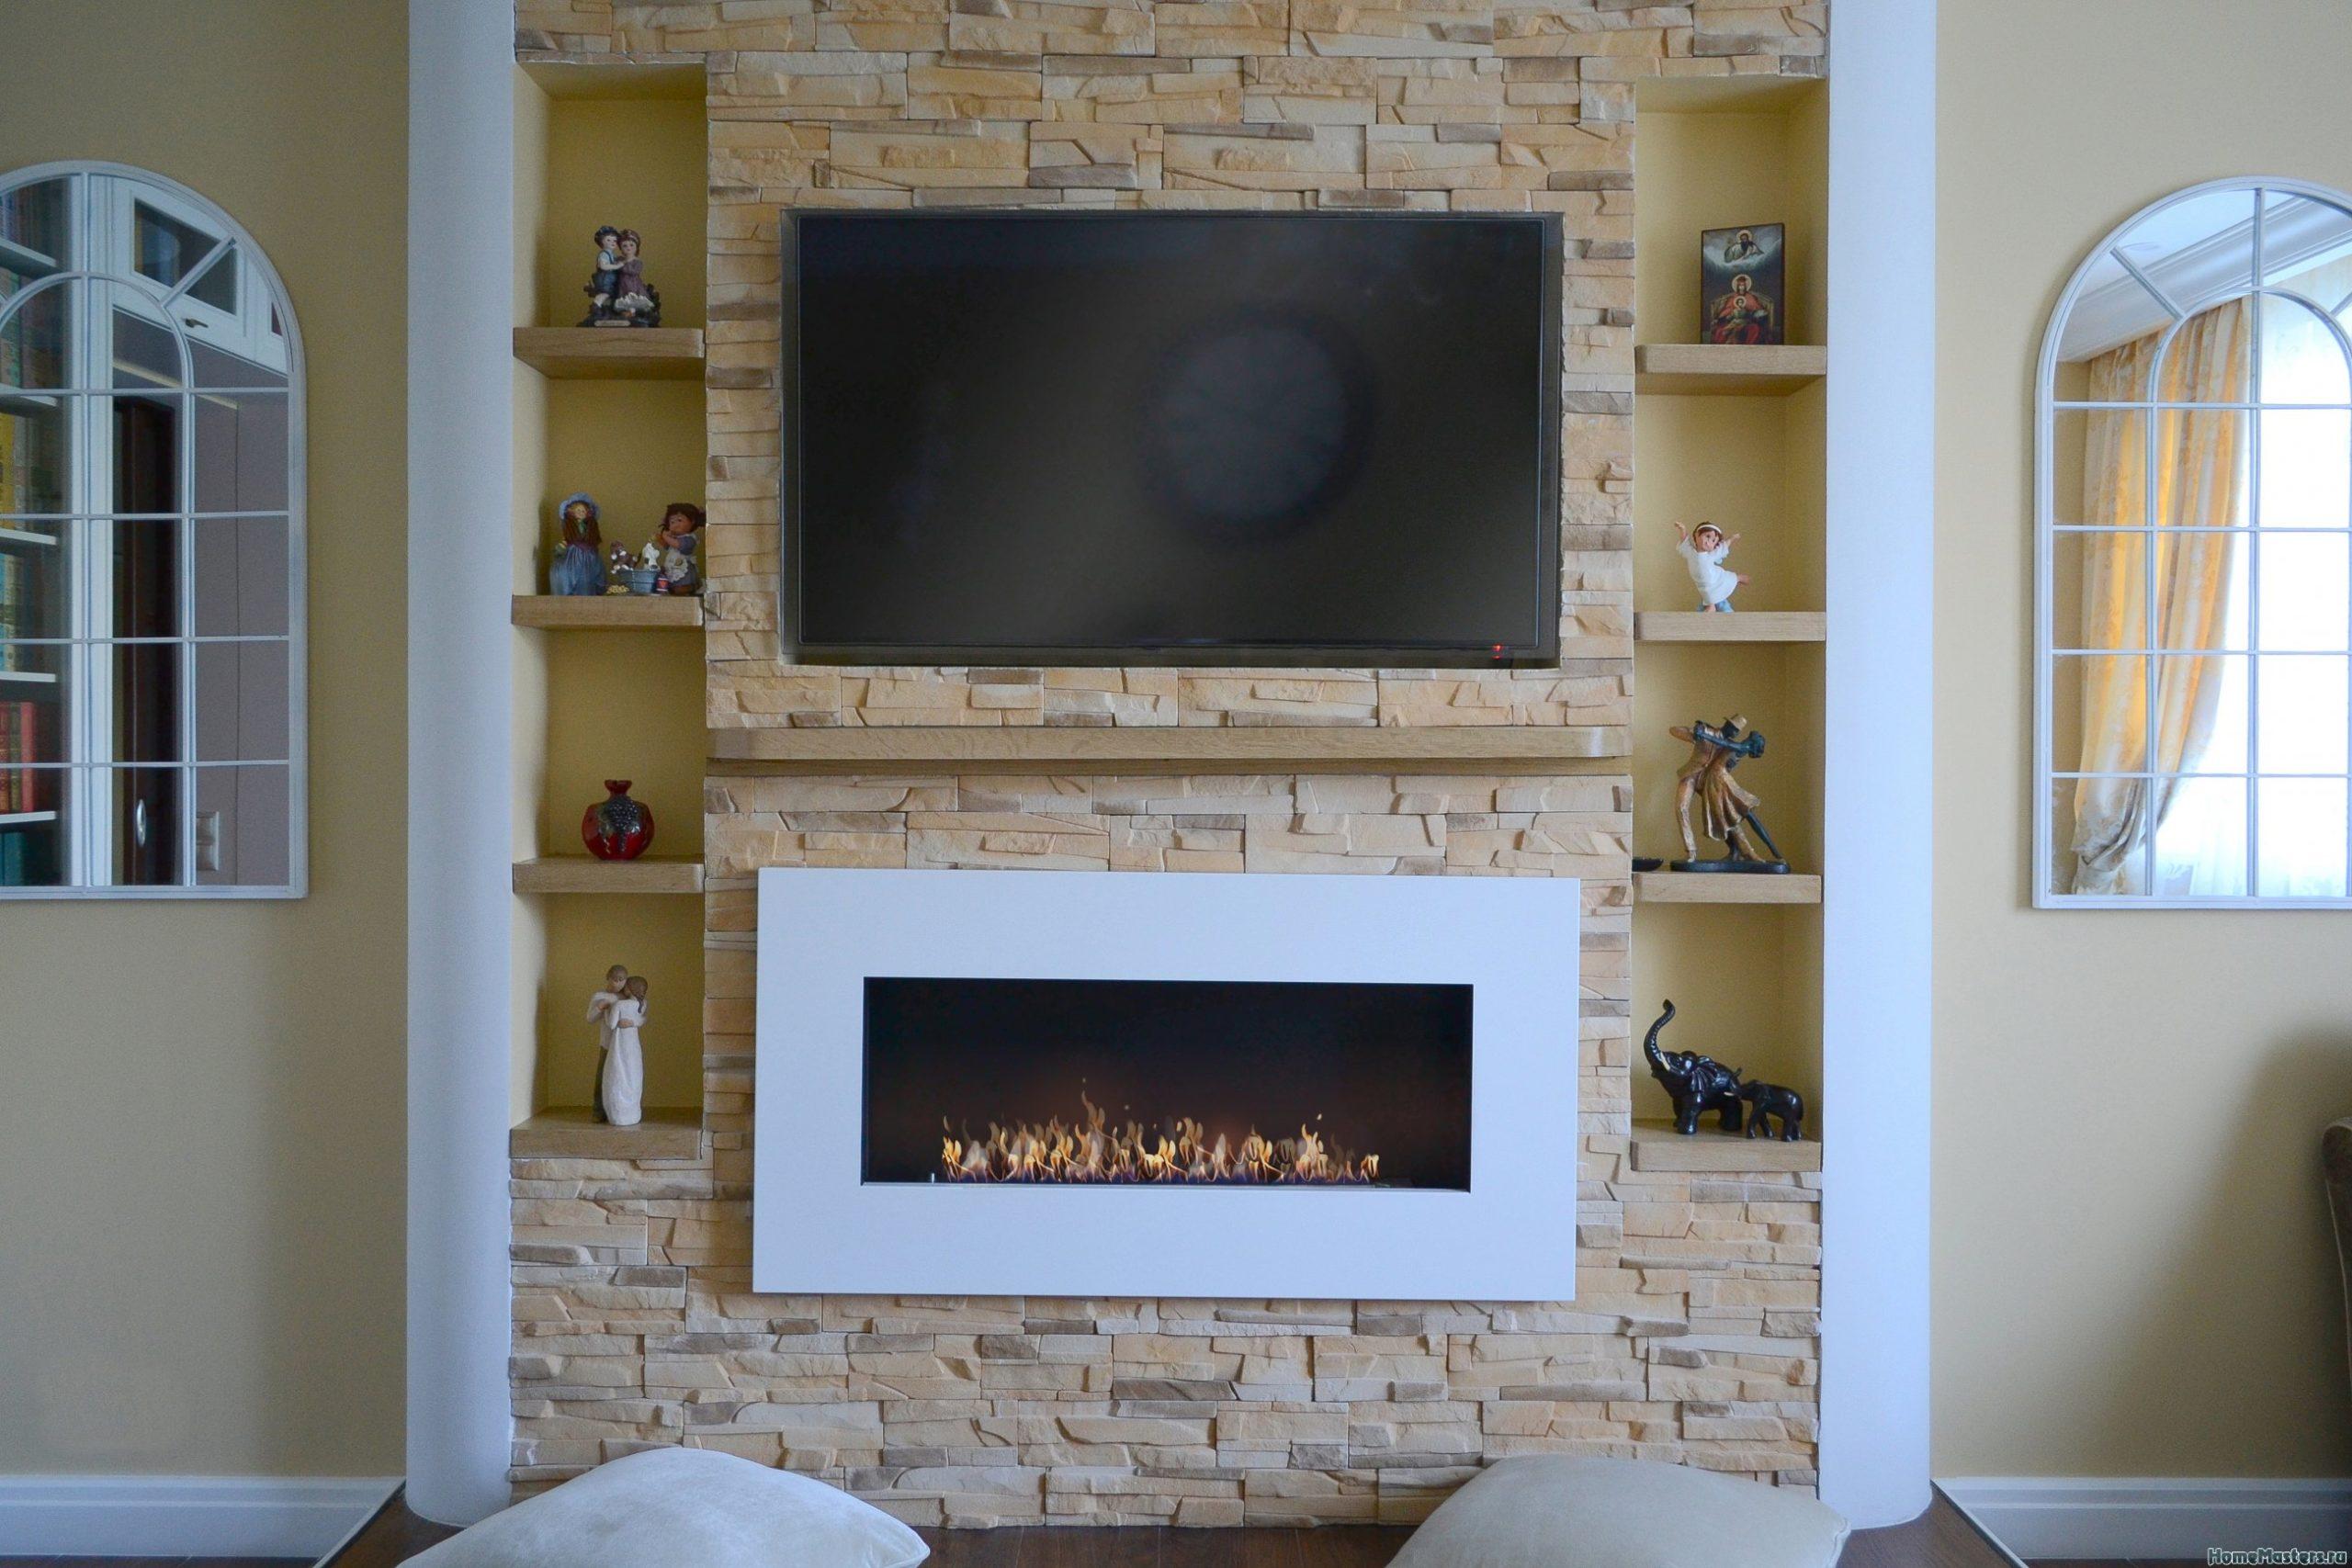 ниша под телевизор с декоративным камнем